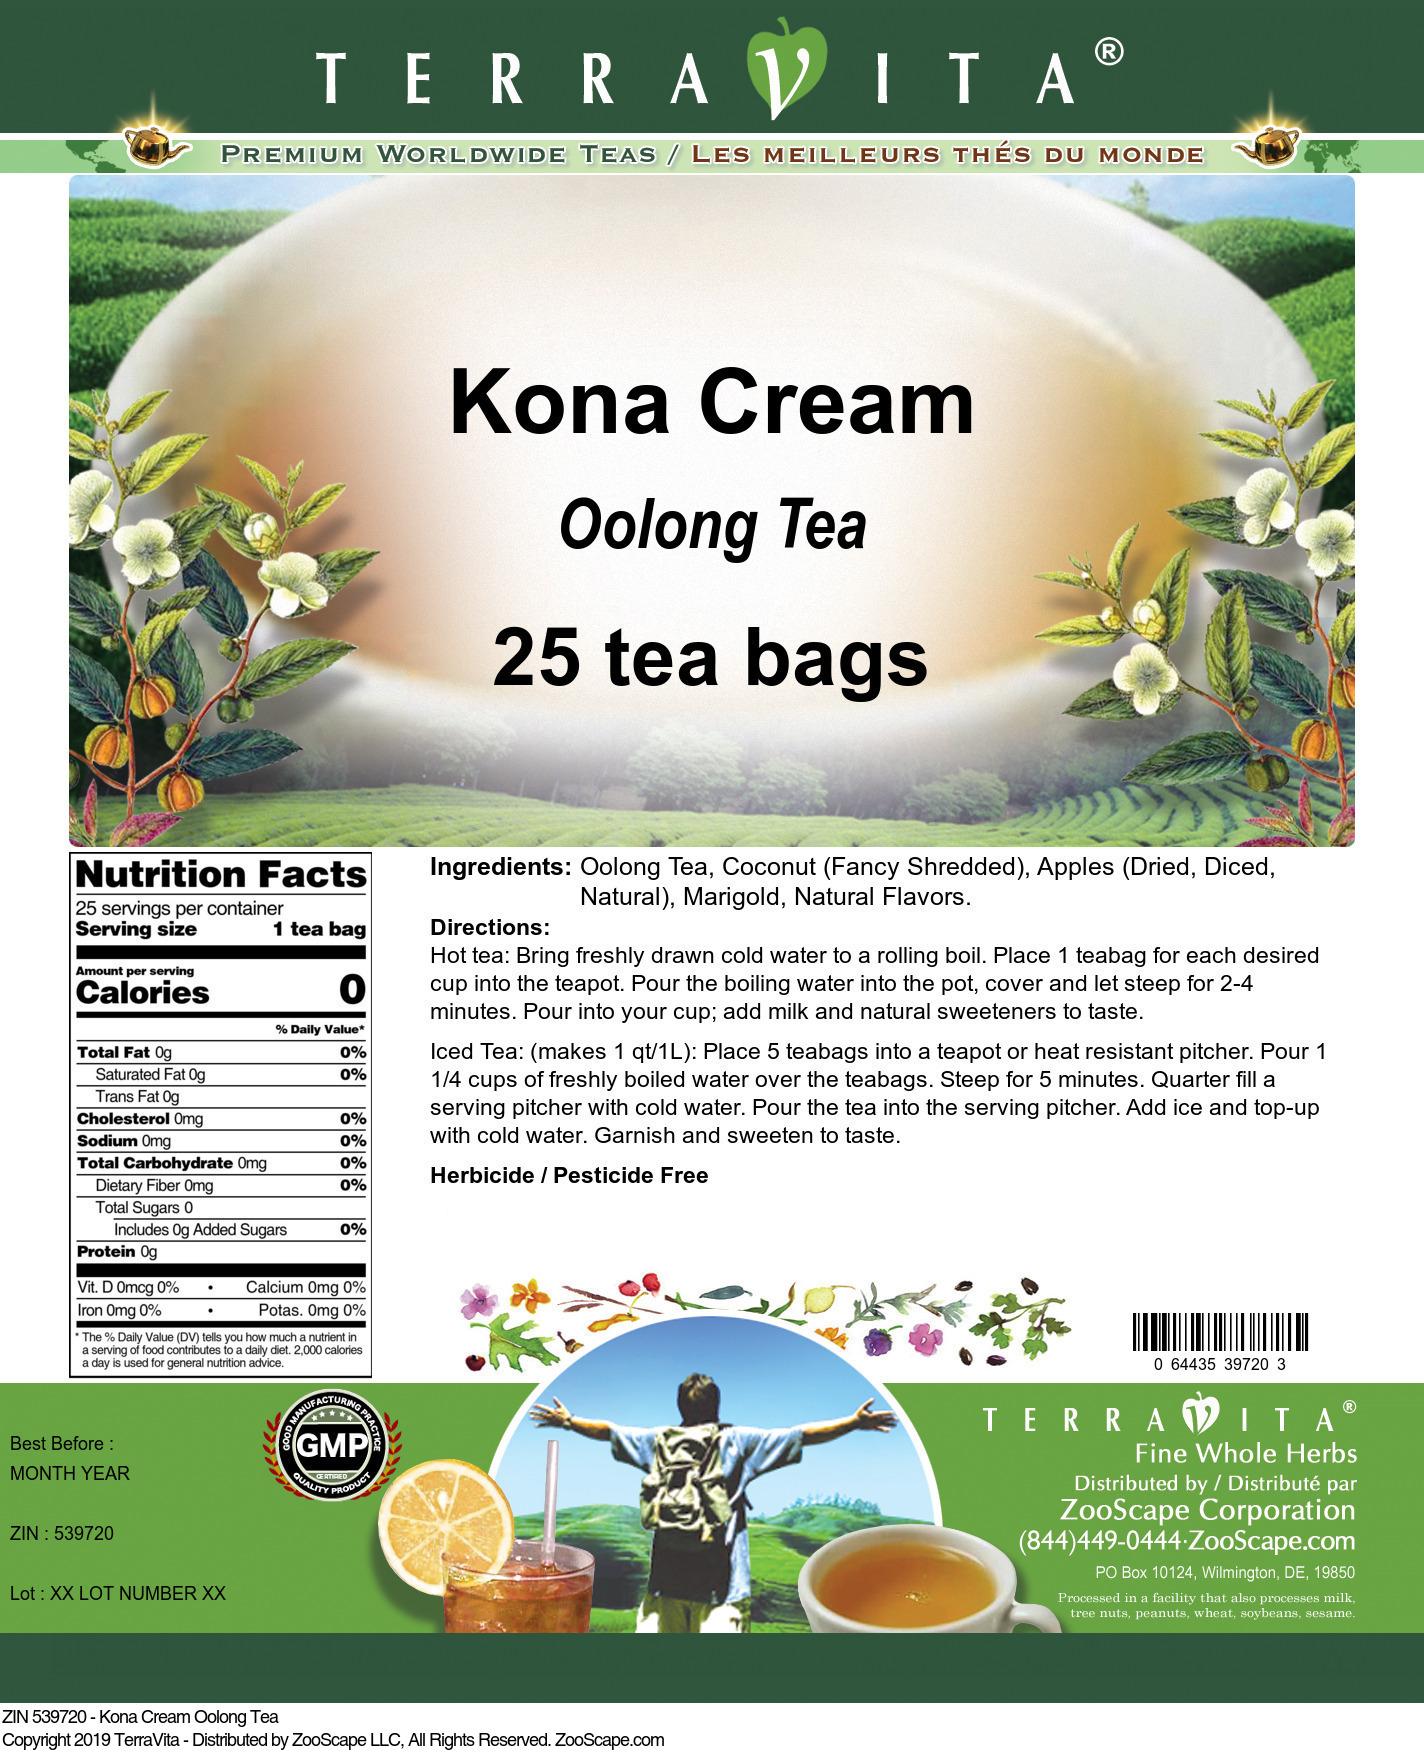 Kona Cream Oolong Tea